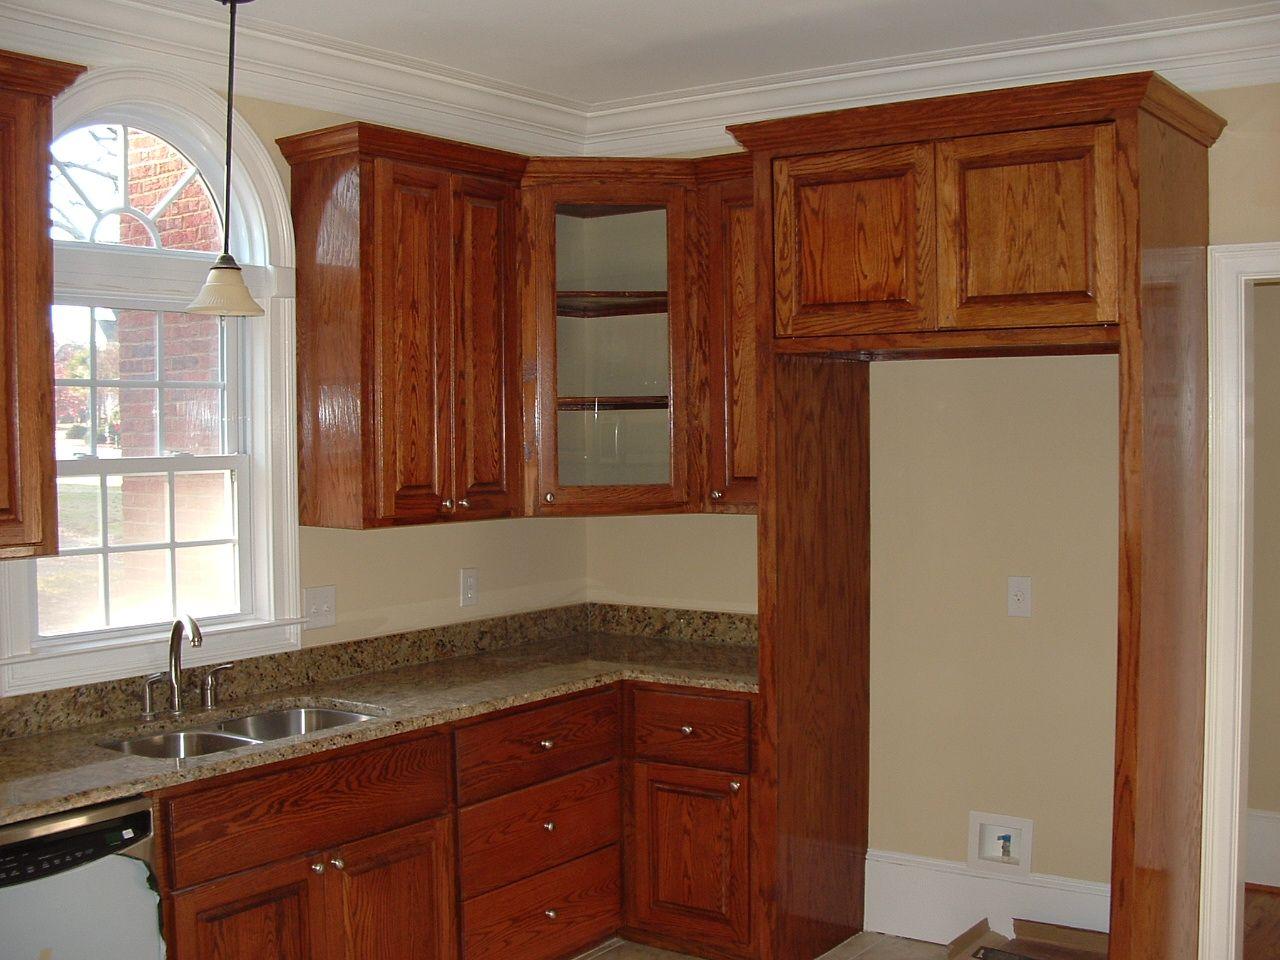 genial k chenschr nke k hlschrank wohnzimmer pinterest. Black Bedroom Furniture Sets. Home Design Ideas